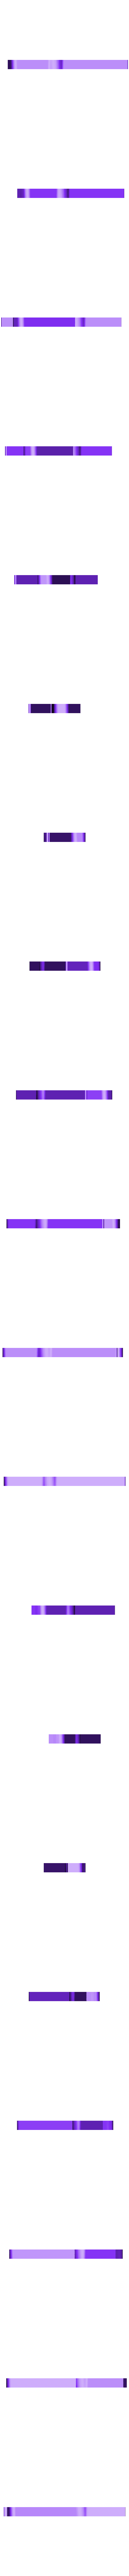 Trigger.STL Télécharger fichier STL gratuit Baguette anti-mouches - Baguette et pistolet en caoutchouc • Plan imprimable en 3D, RobotDoctor